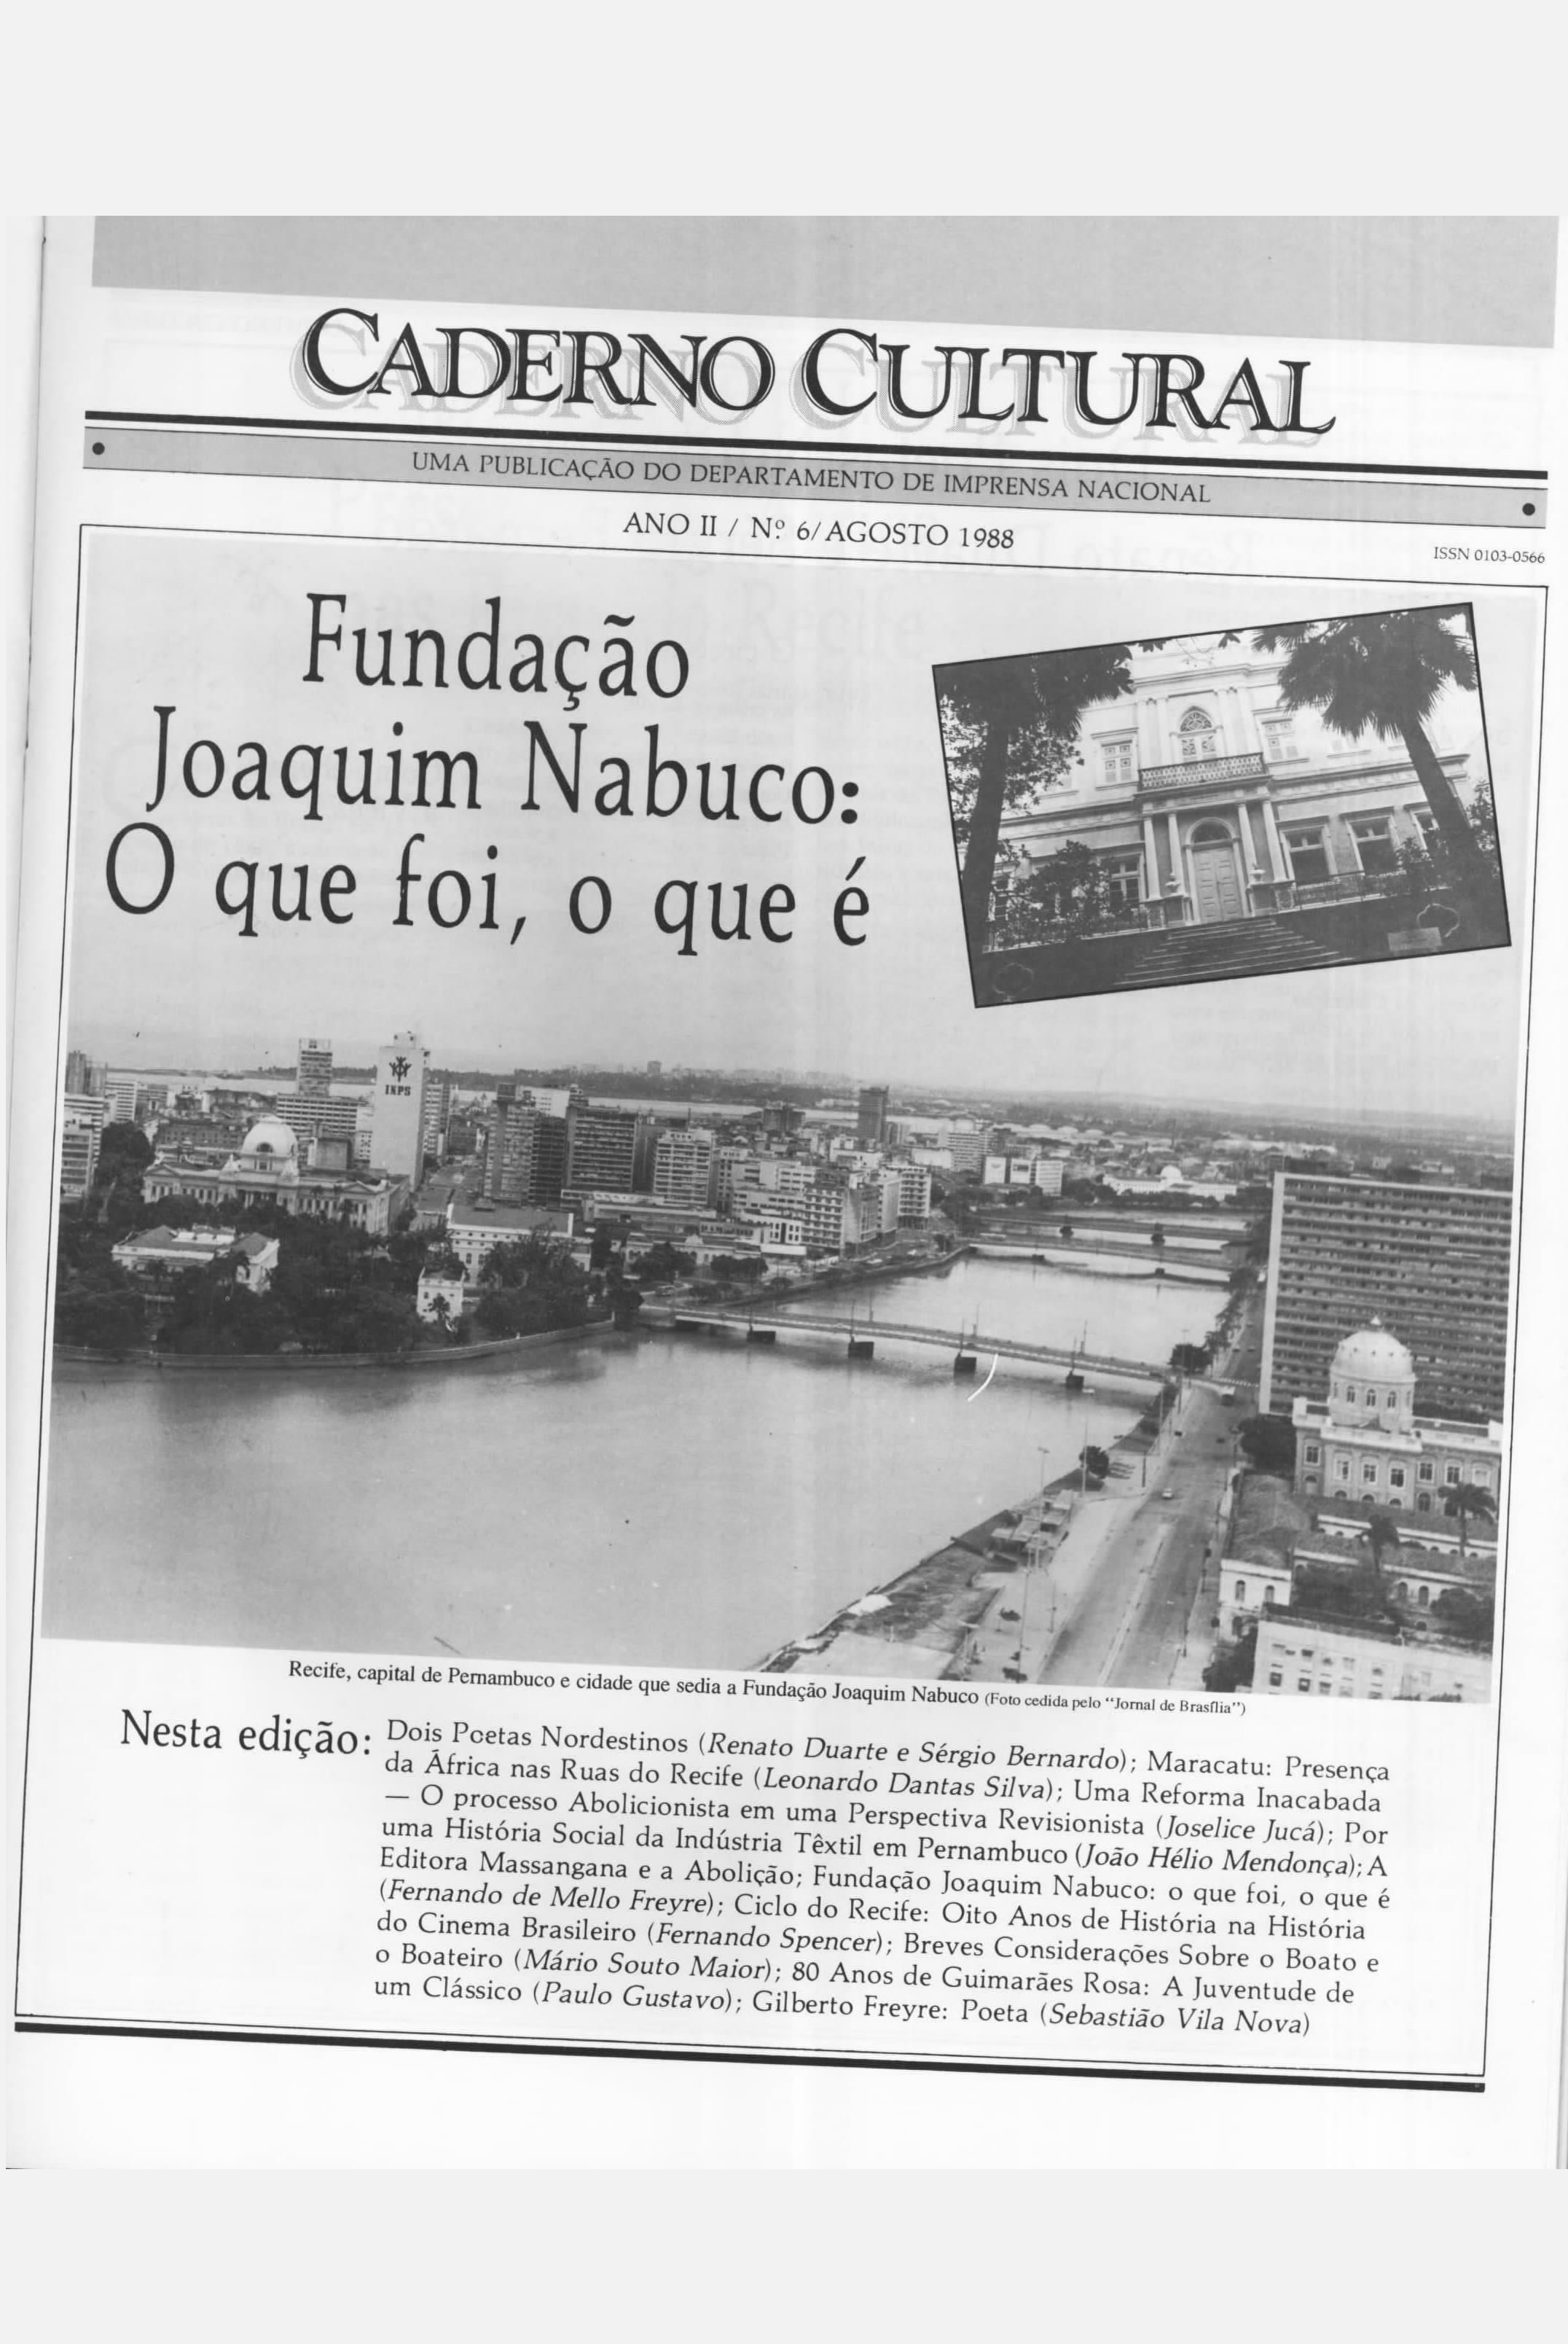 Capa do Livro Caderno Cultural - Ano II - nº 6 -1988